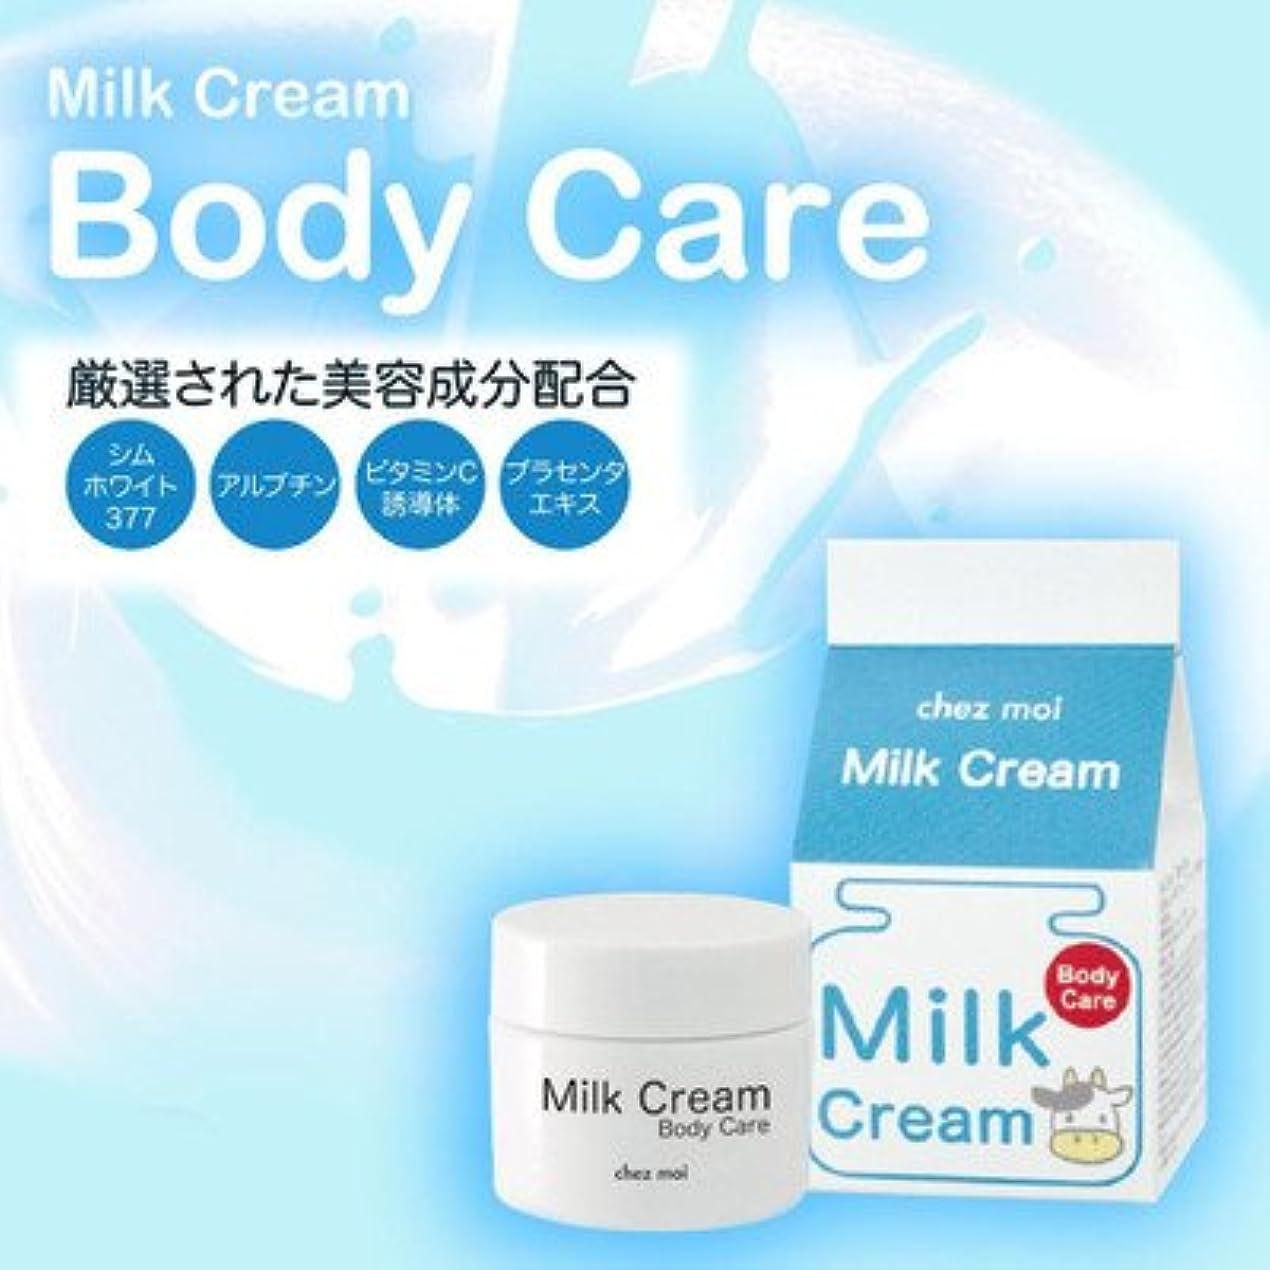 自伝城パスポート乾燥によるヒザやヒジのくすみが気になる方に Milk Cream ミルククリーム Body Care ボディケア 30g